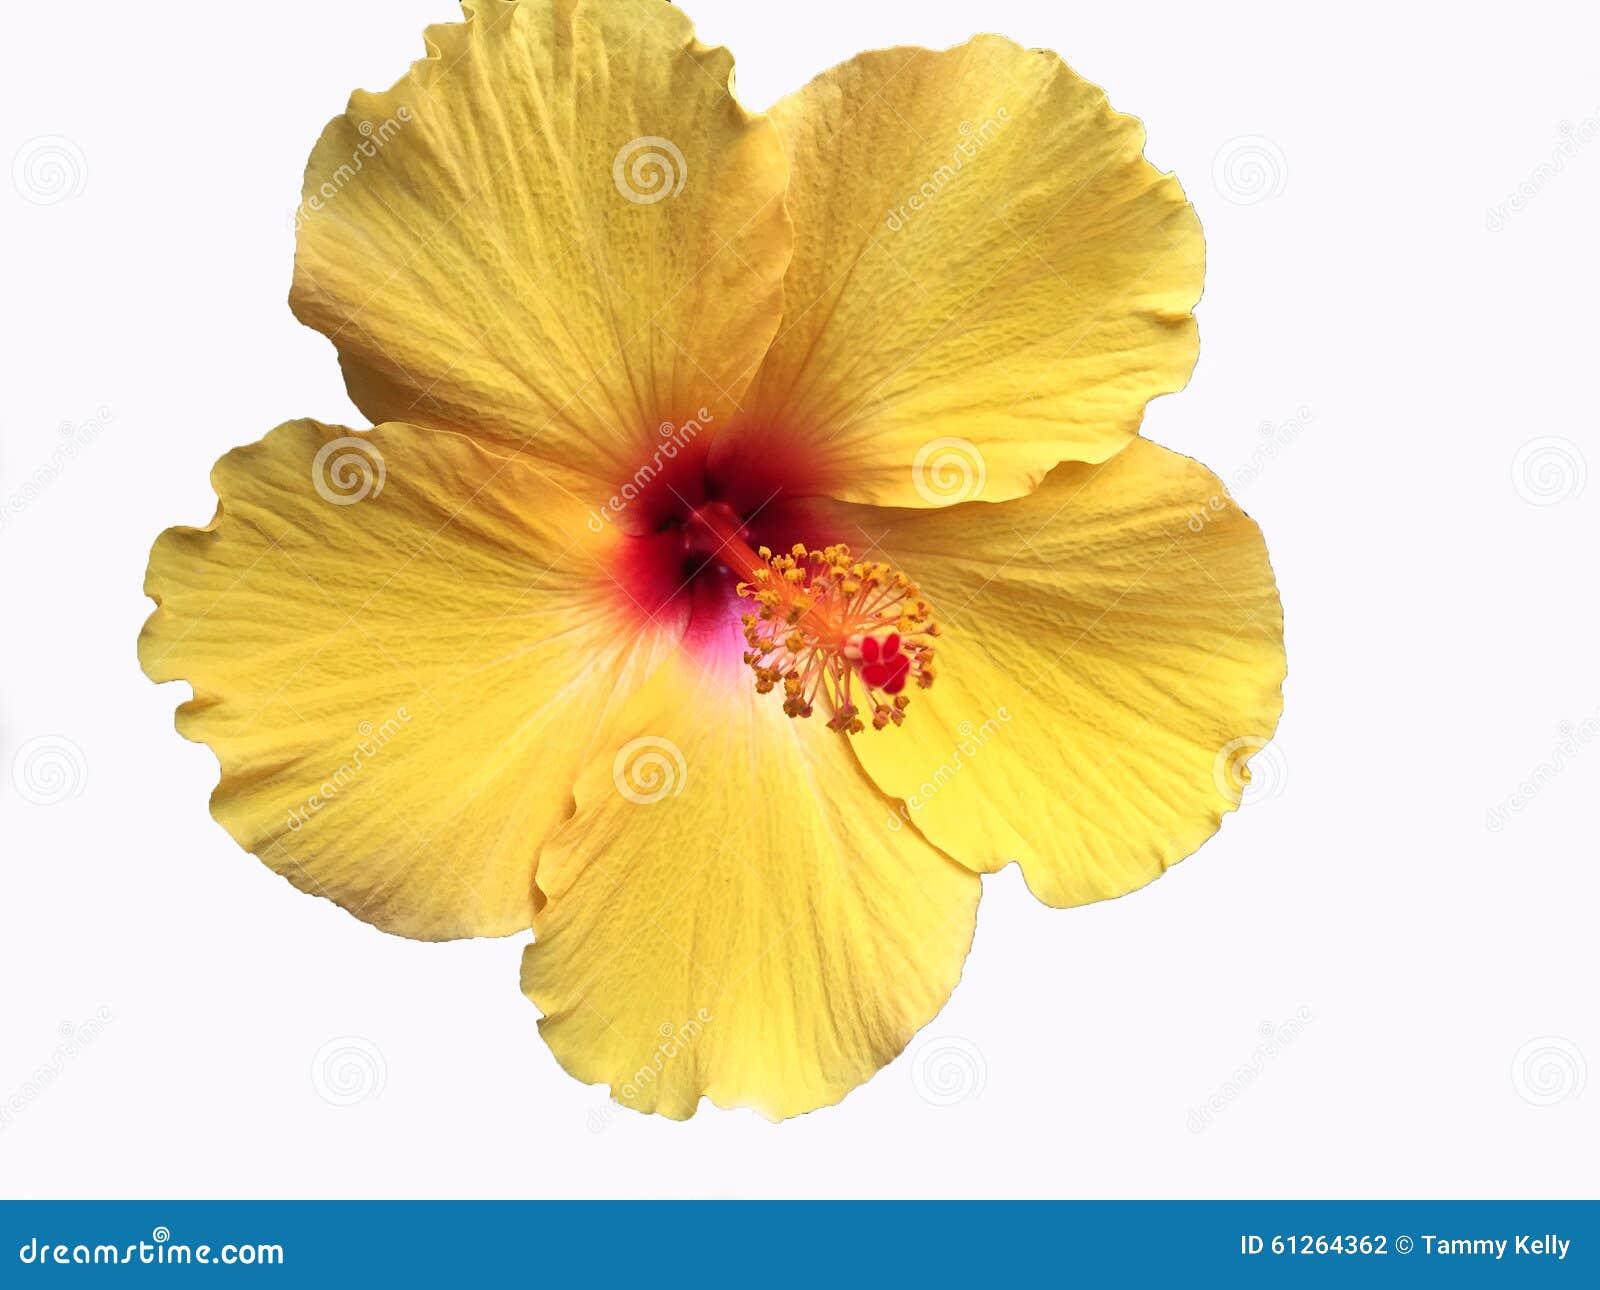 明亮的黄色夏威夷木槿花